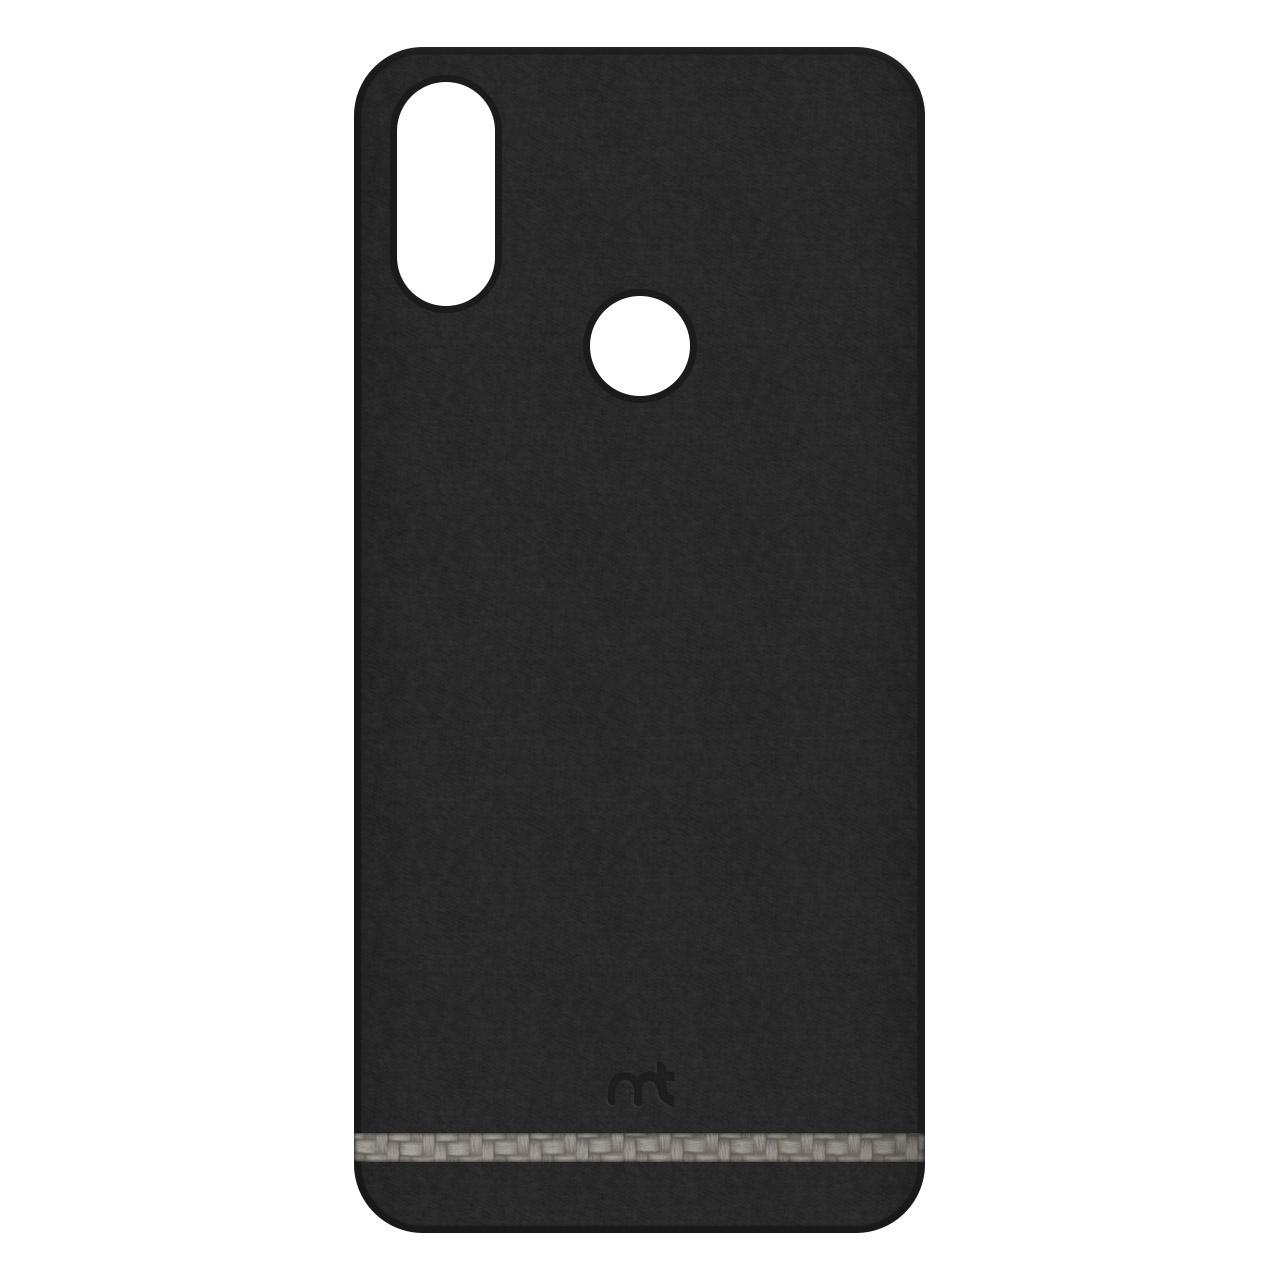 کاور ام تی مدل ۶۱۶ مناسب برای گوشی موبایل هوآوی NOVA 3E/P20 LITE              ( قیمت و خرید)